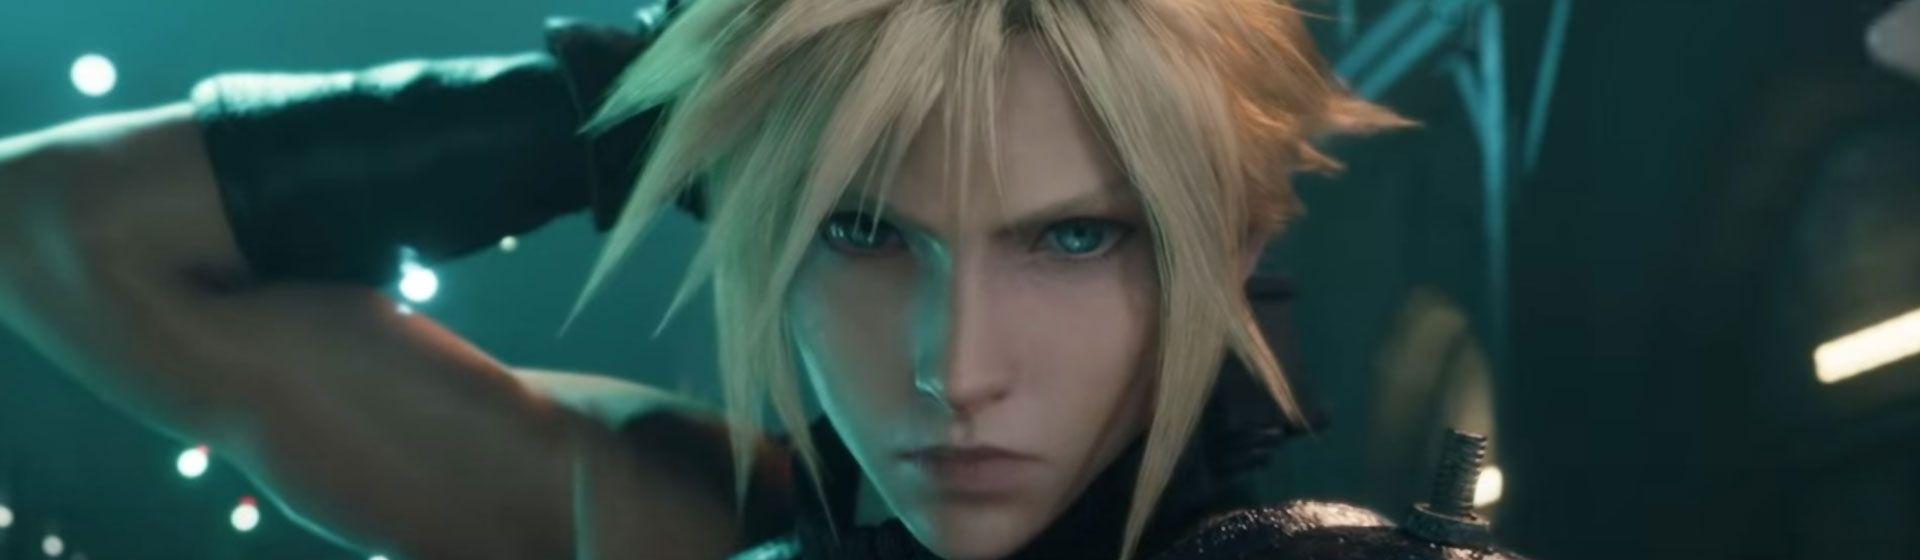 PS Plus em março de 2021: Final Fantasy 7 Remake e mais jogos grátis